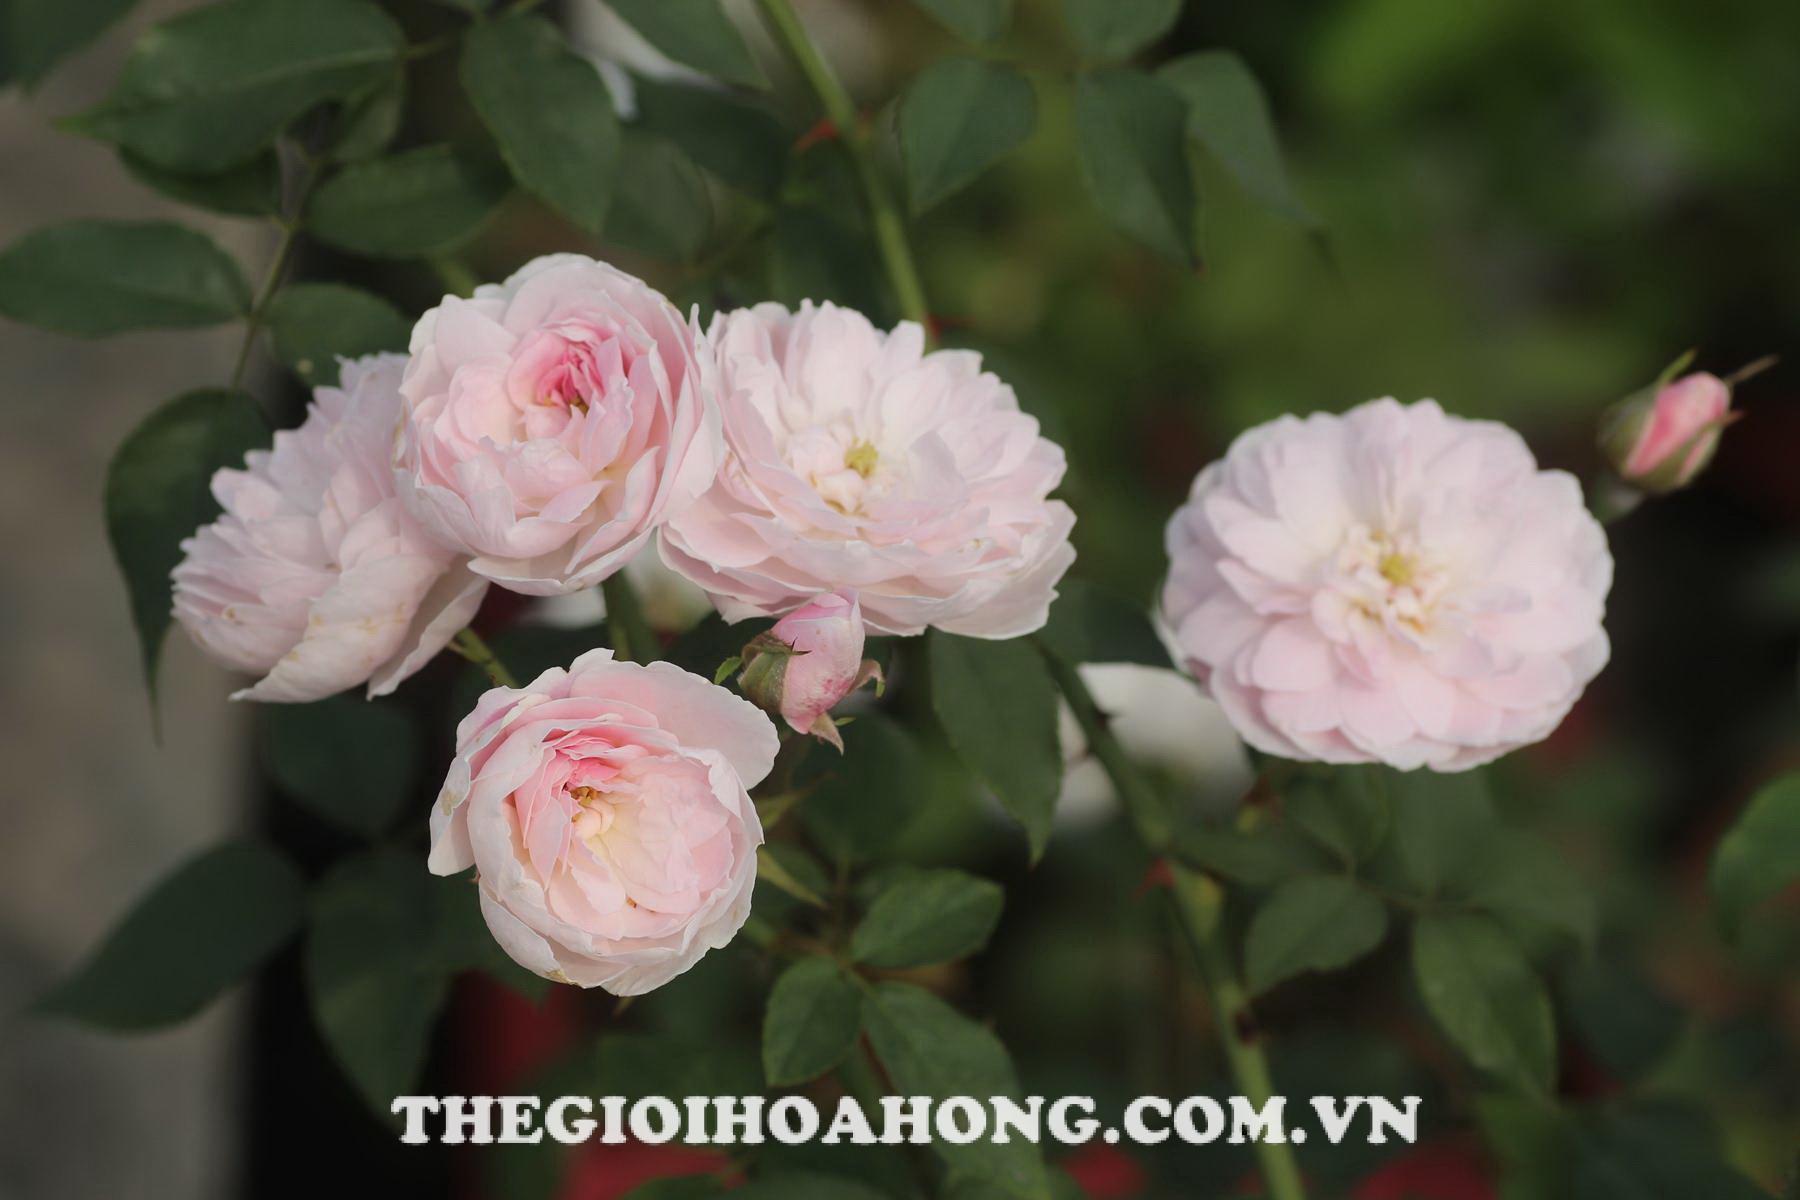 Giống hoa hồng màu hồng nhạt hoa bé